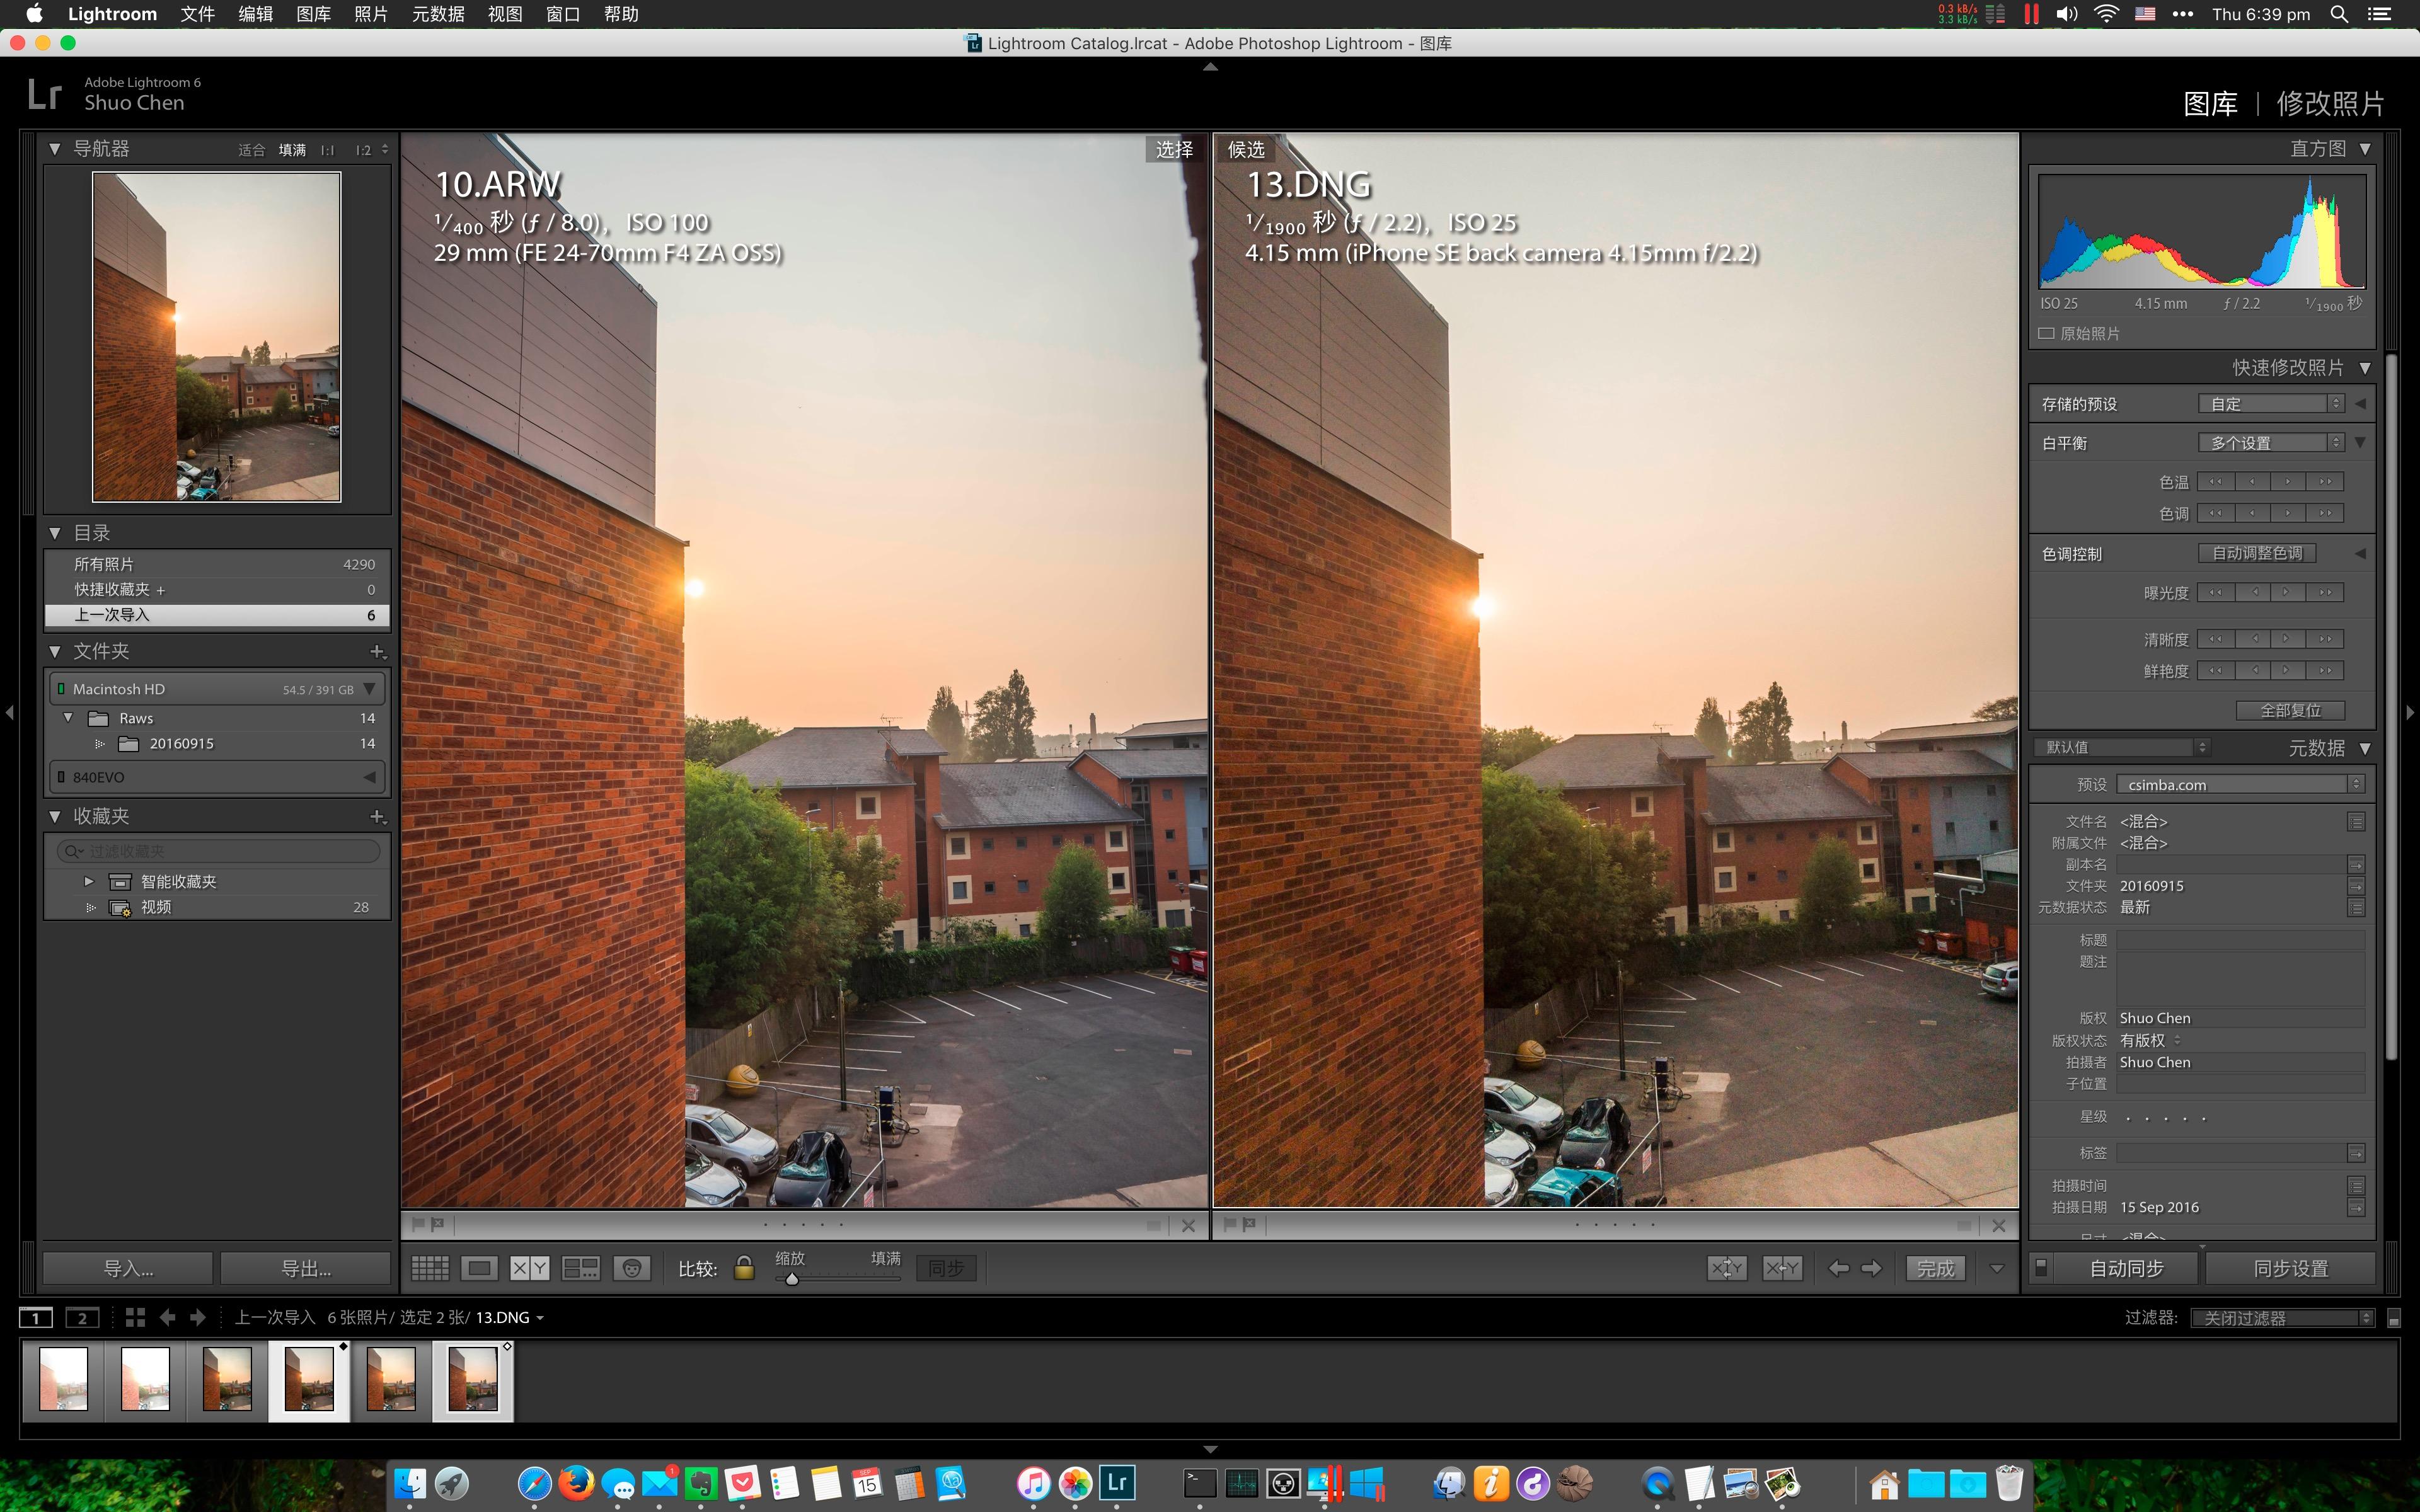 图7: Procam Raw vs Sony A7 (乱入对比😅) 正常曝光拍摄后 高光-100 暗部+100 全局观感对比